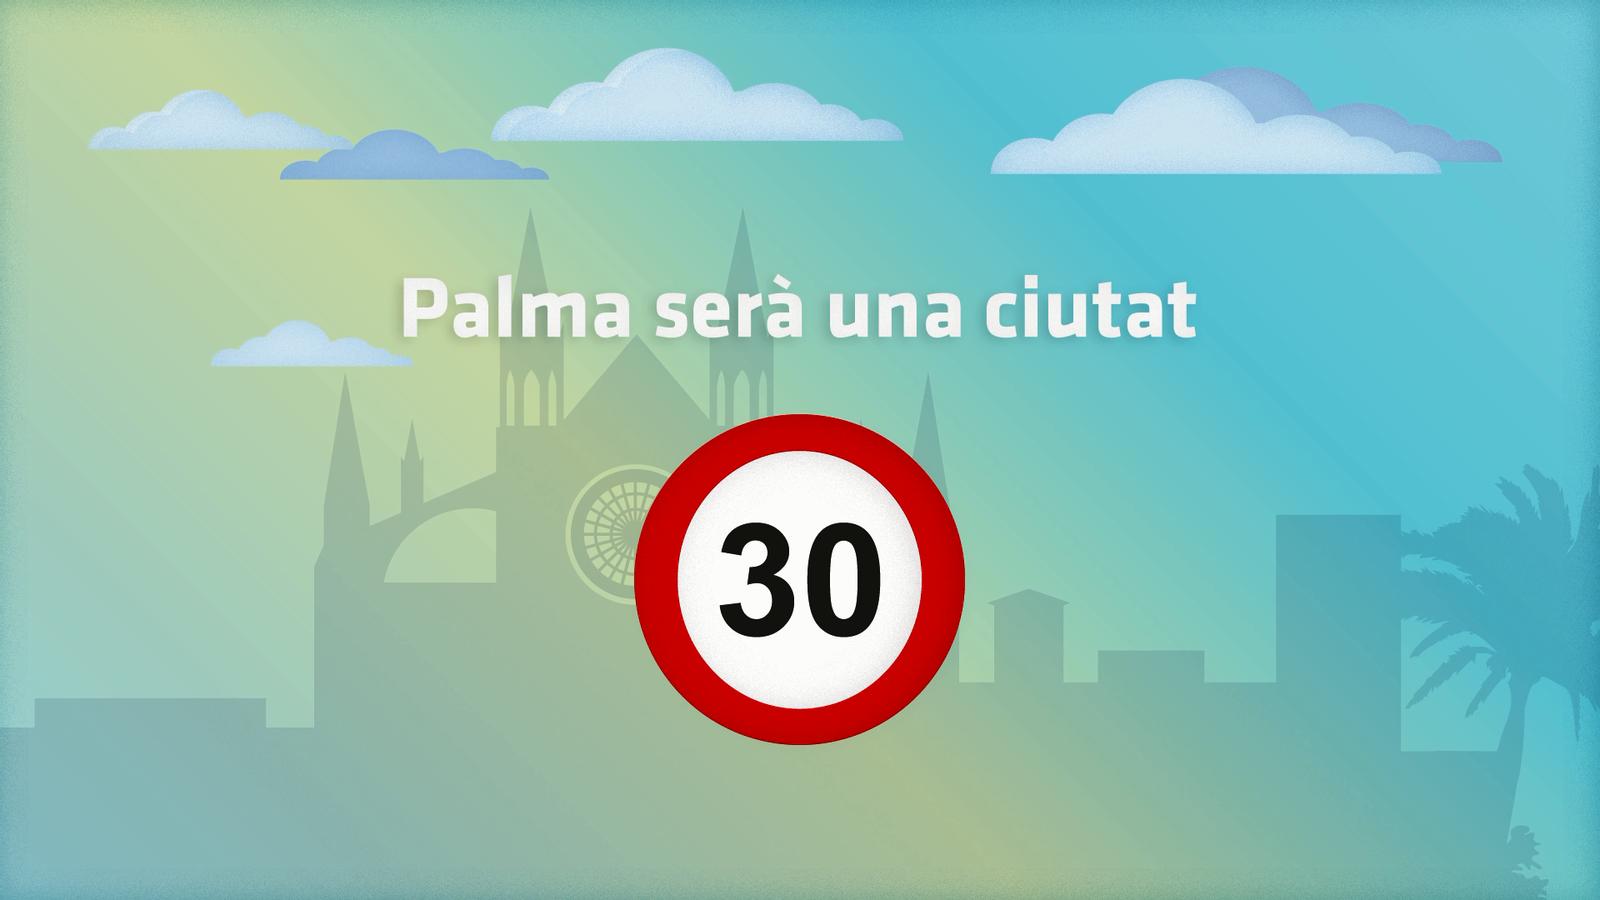 Vídeo explicatiu de l'Ajuntament de Palma sobre la nova limitació de velocitat.